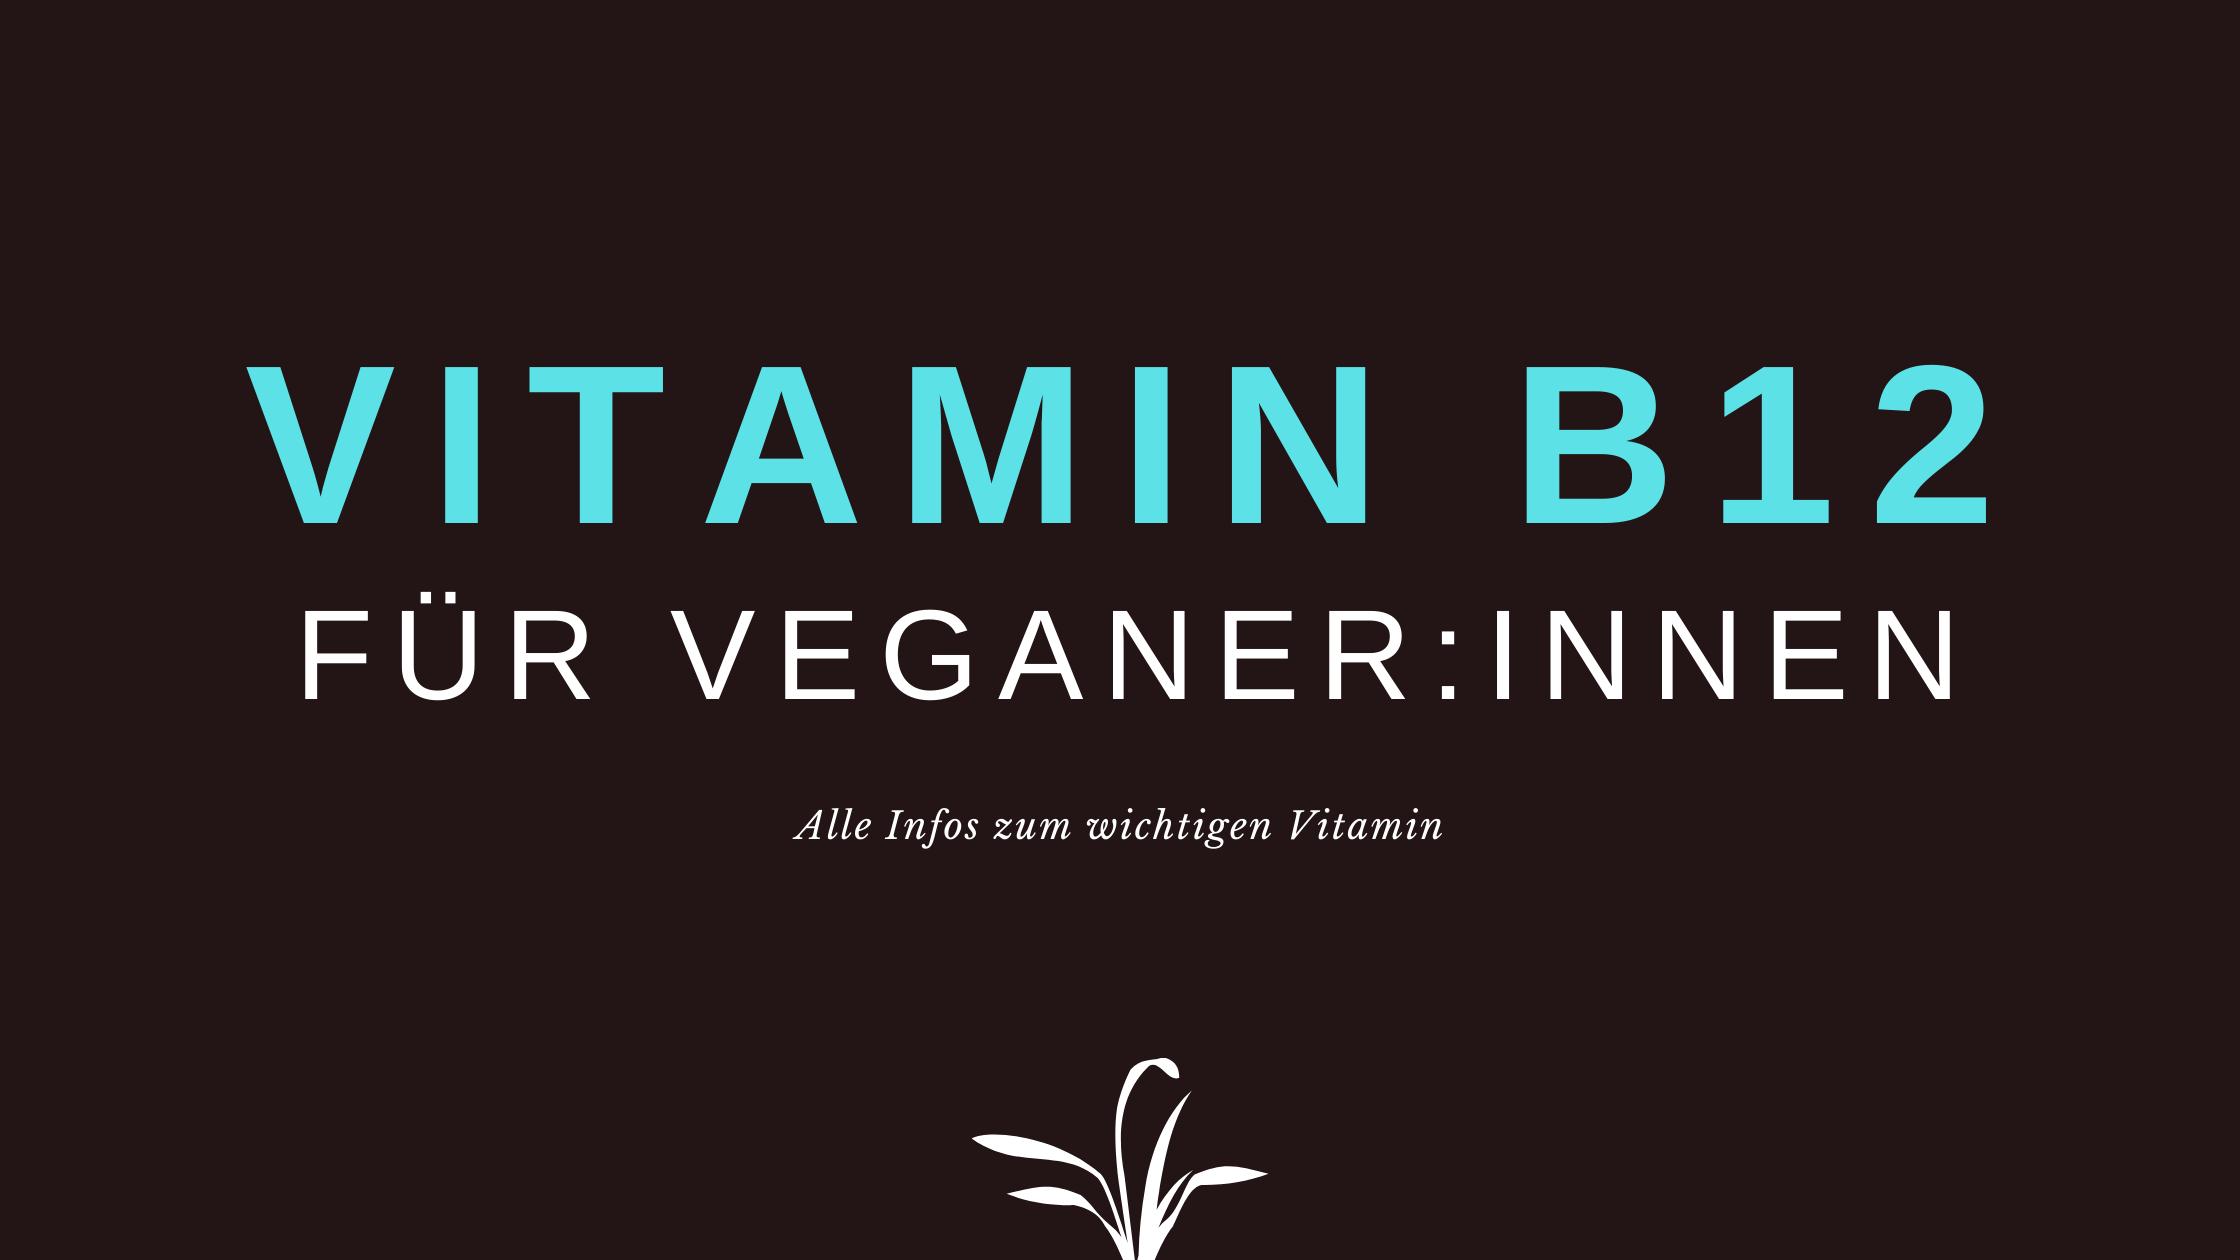 Vitamin-B12 VEgan